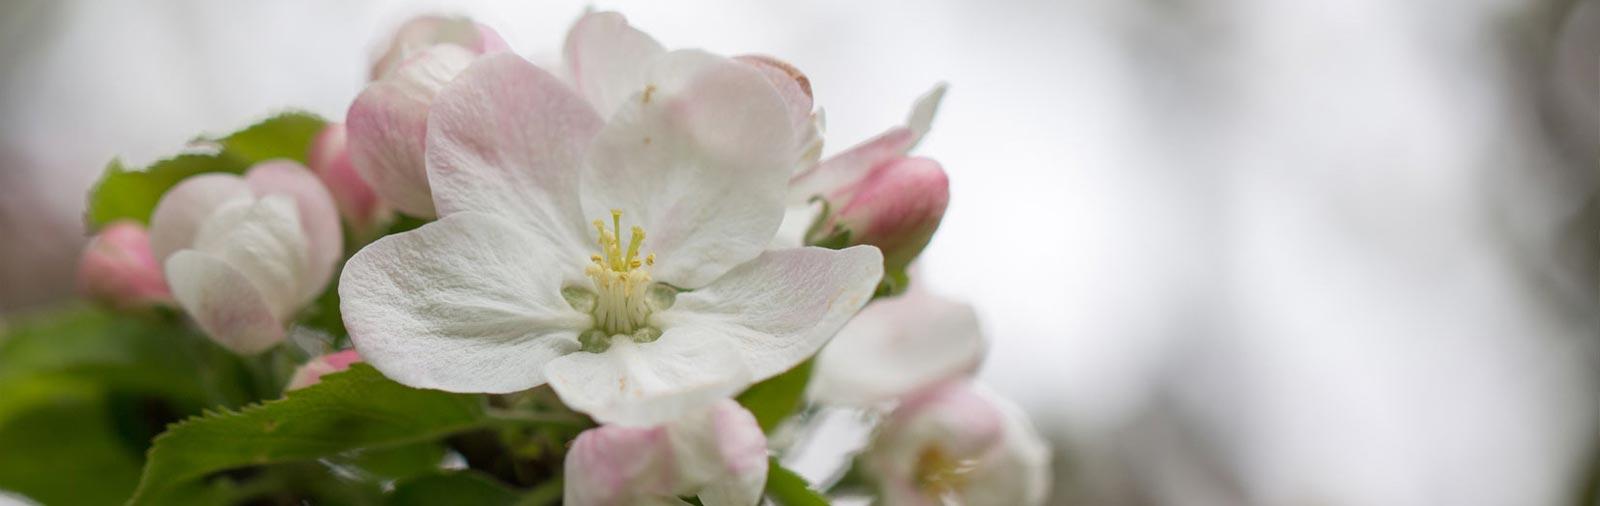 Apfel - Malus domestica Borkh.